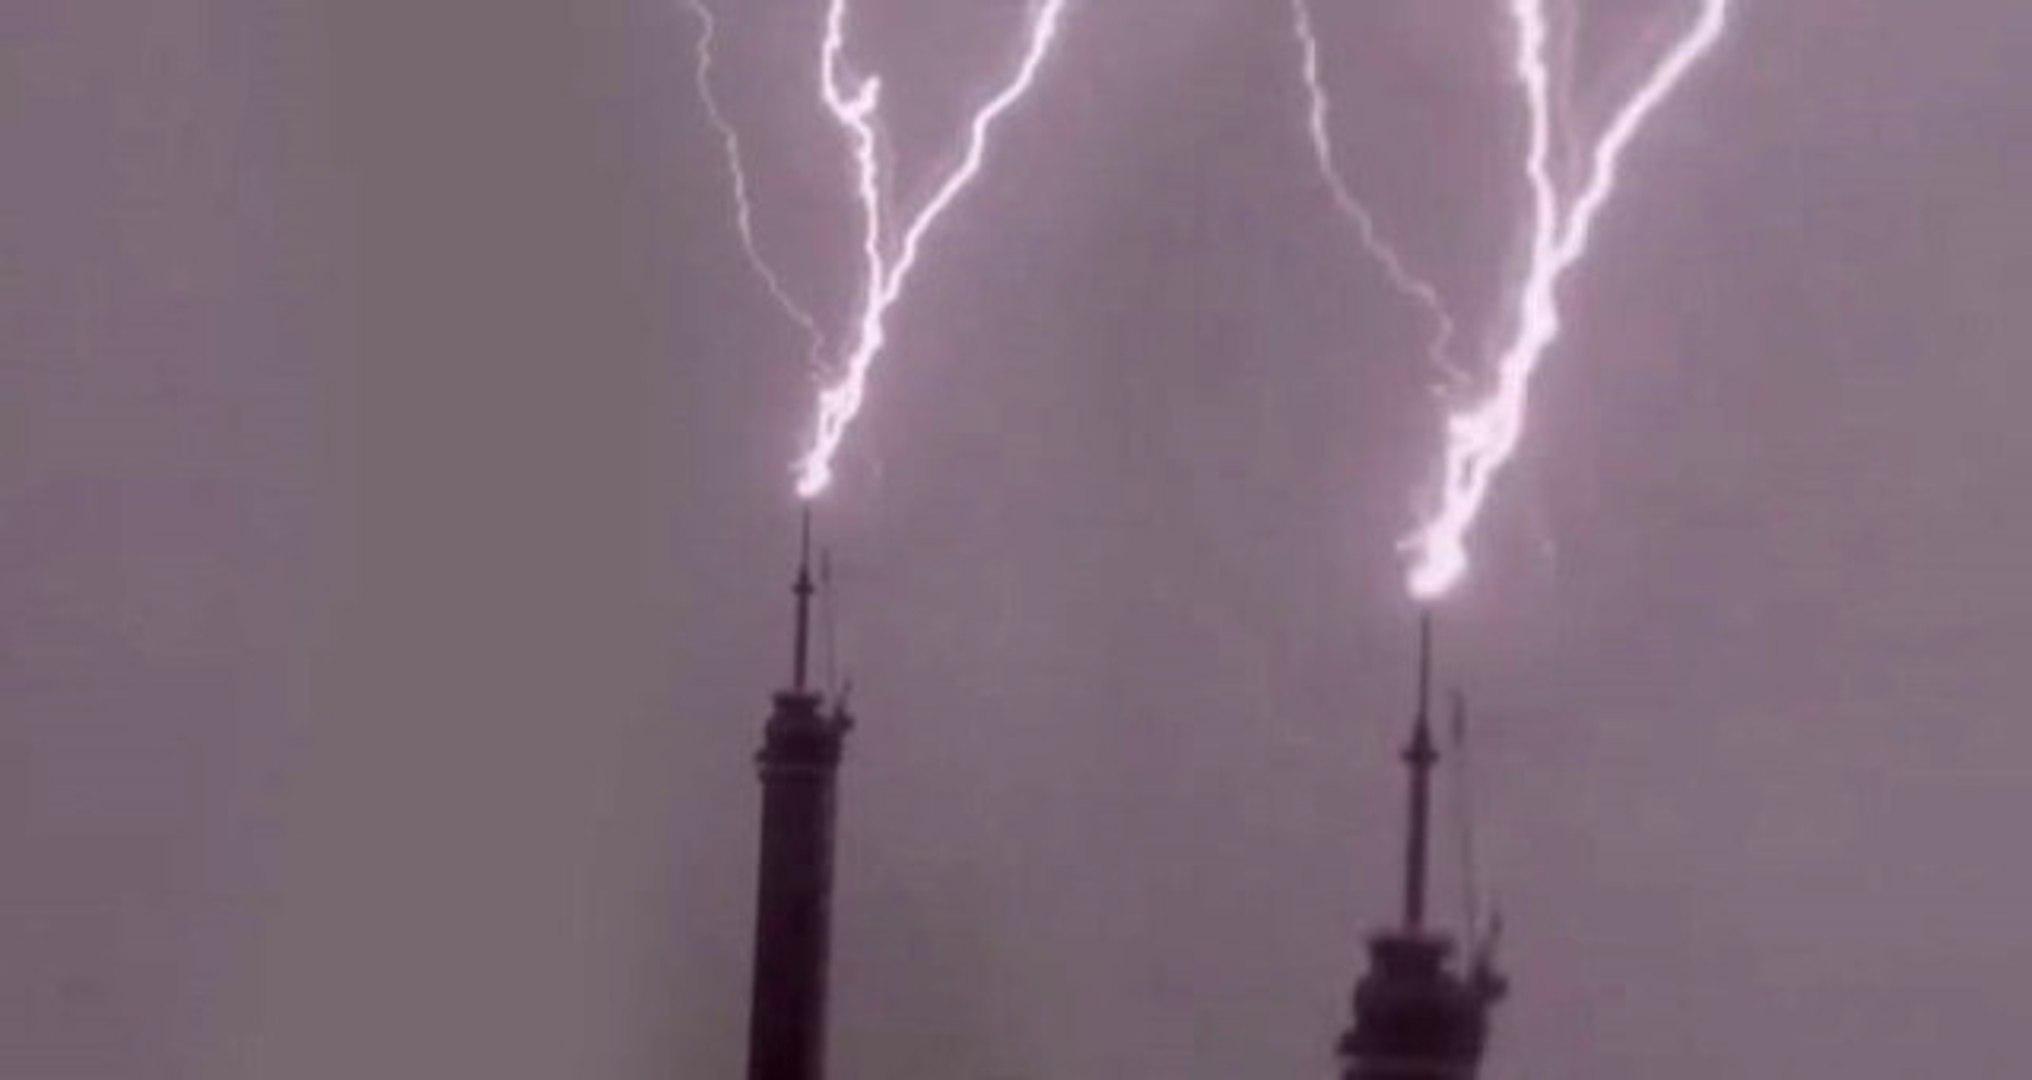 Çamlıca'daki Yeni TV Kulesine Yıldırım Düşmüştü! Görüntüler Ortaya Çıktı